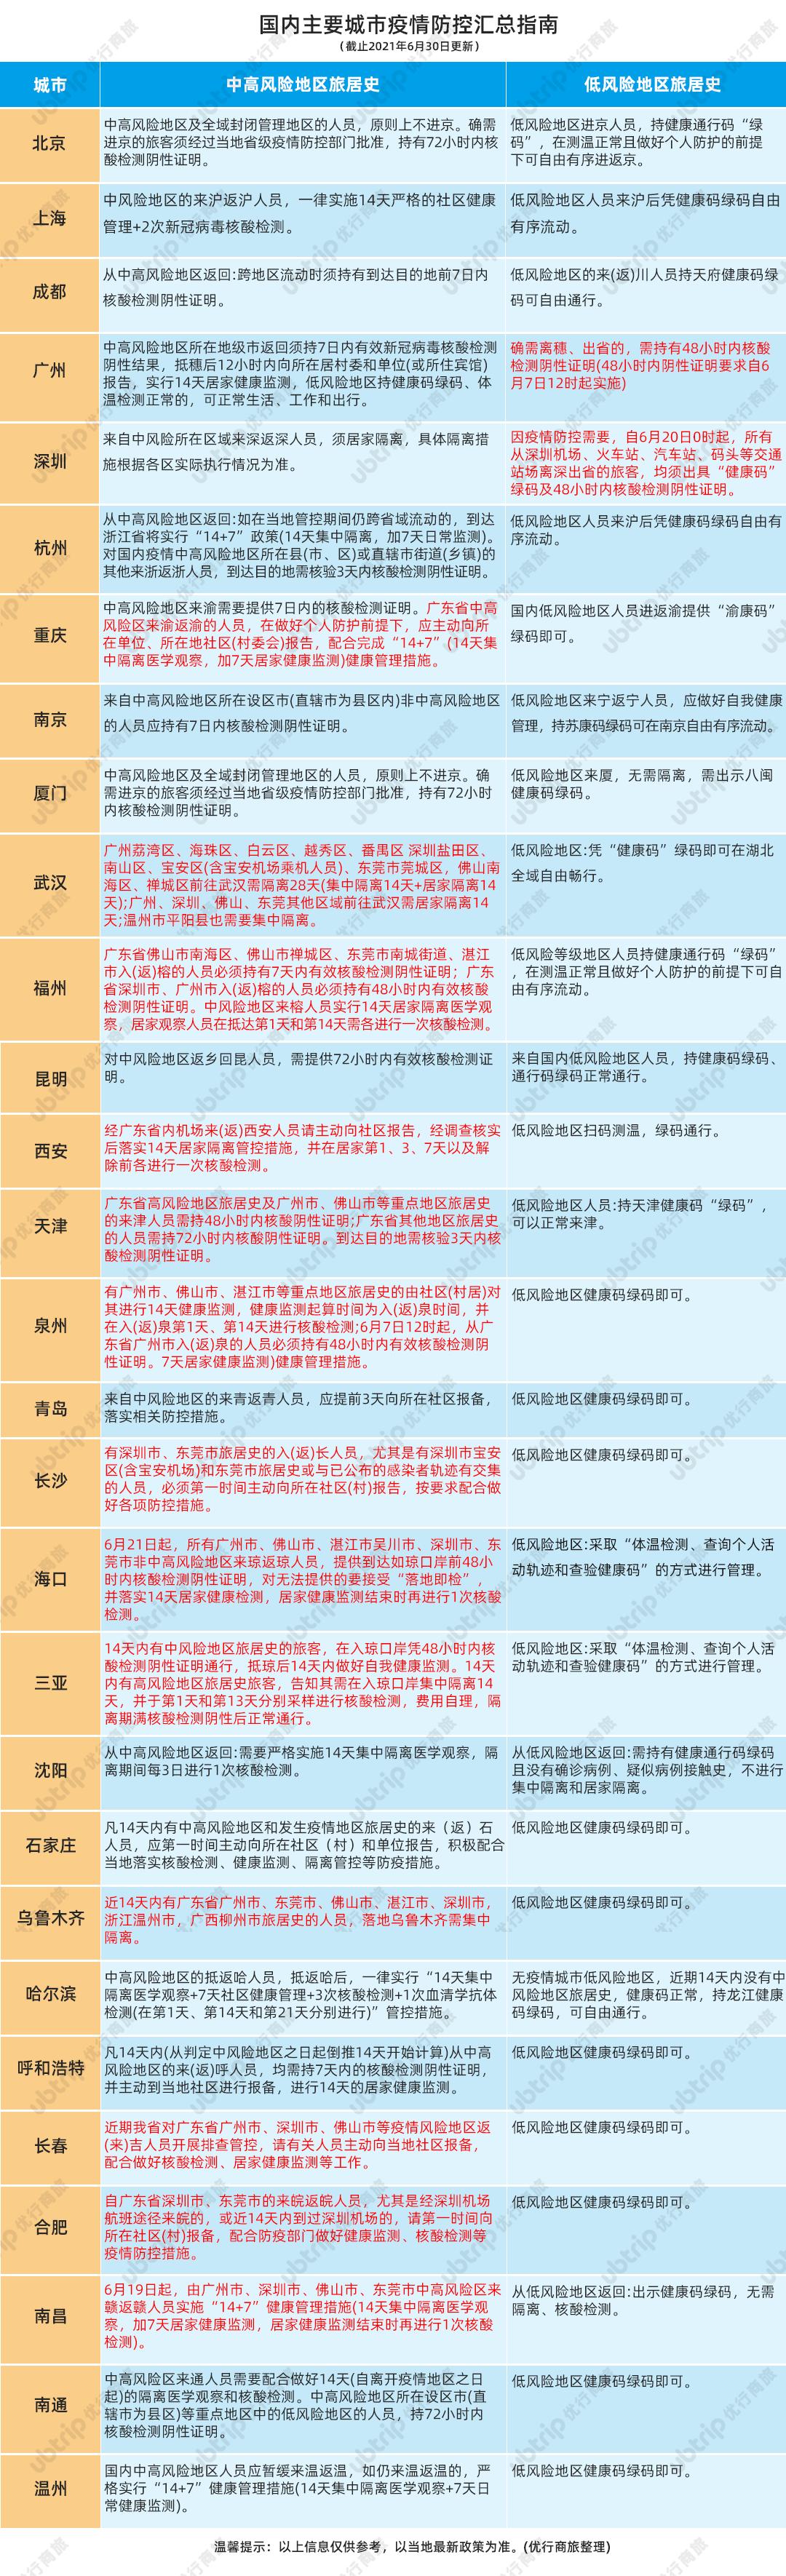 【优行·资讯】注意!最新国内主要城市疫情防控汇总指南(20210630)